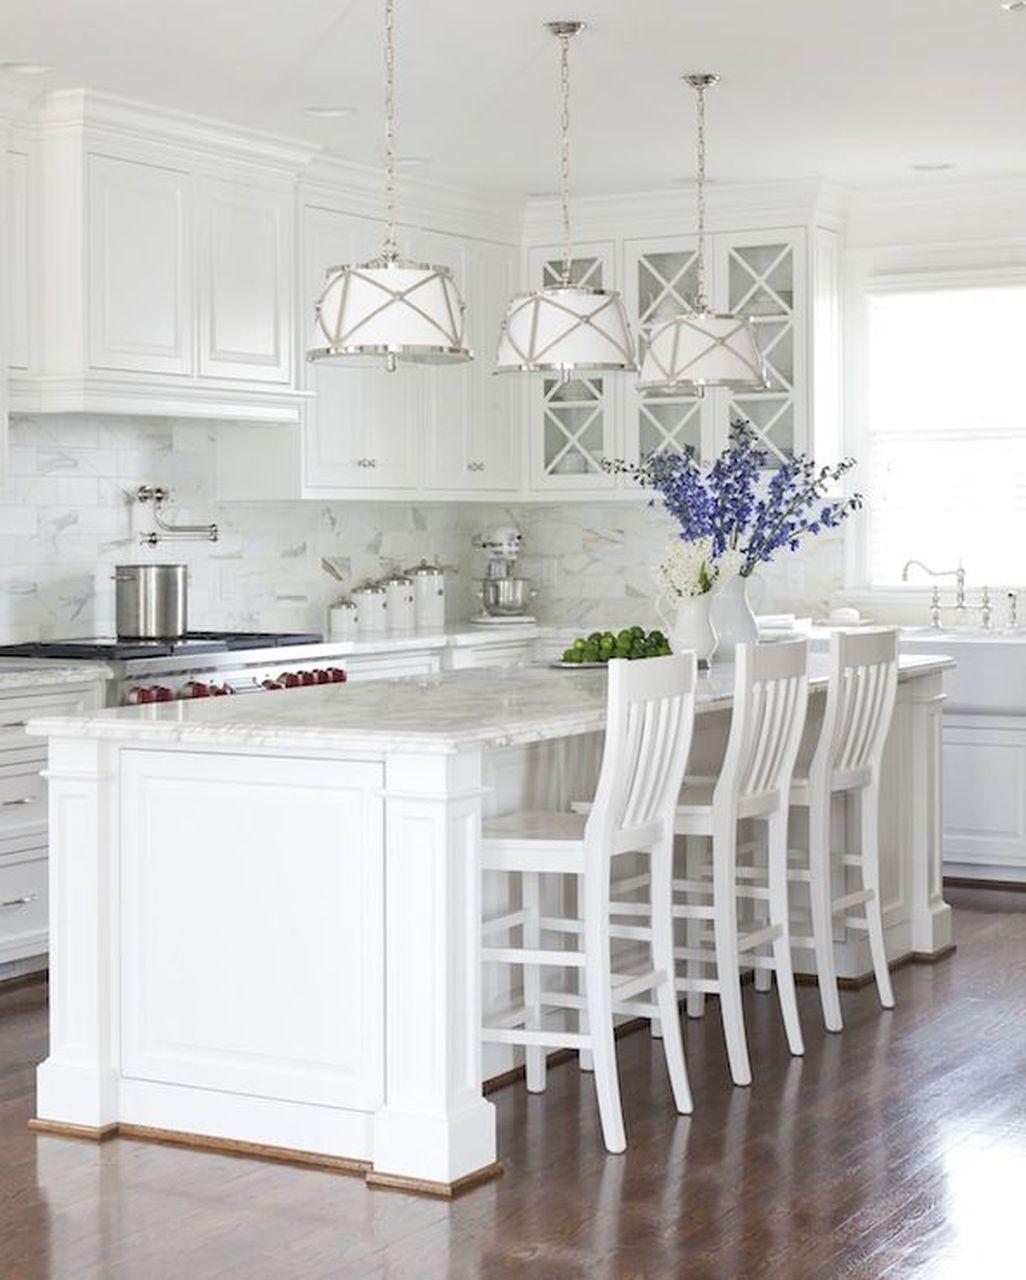 Best White Kitchen Cabinet Design Ideas 31